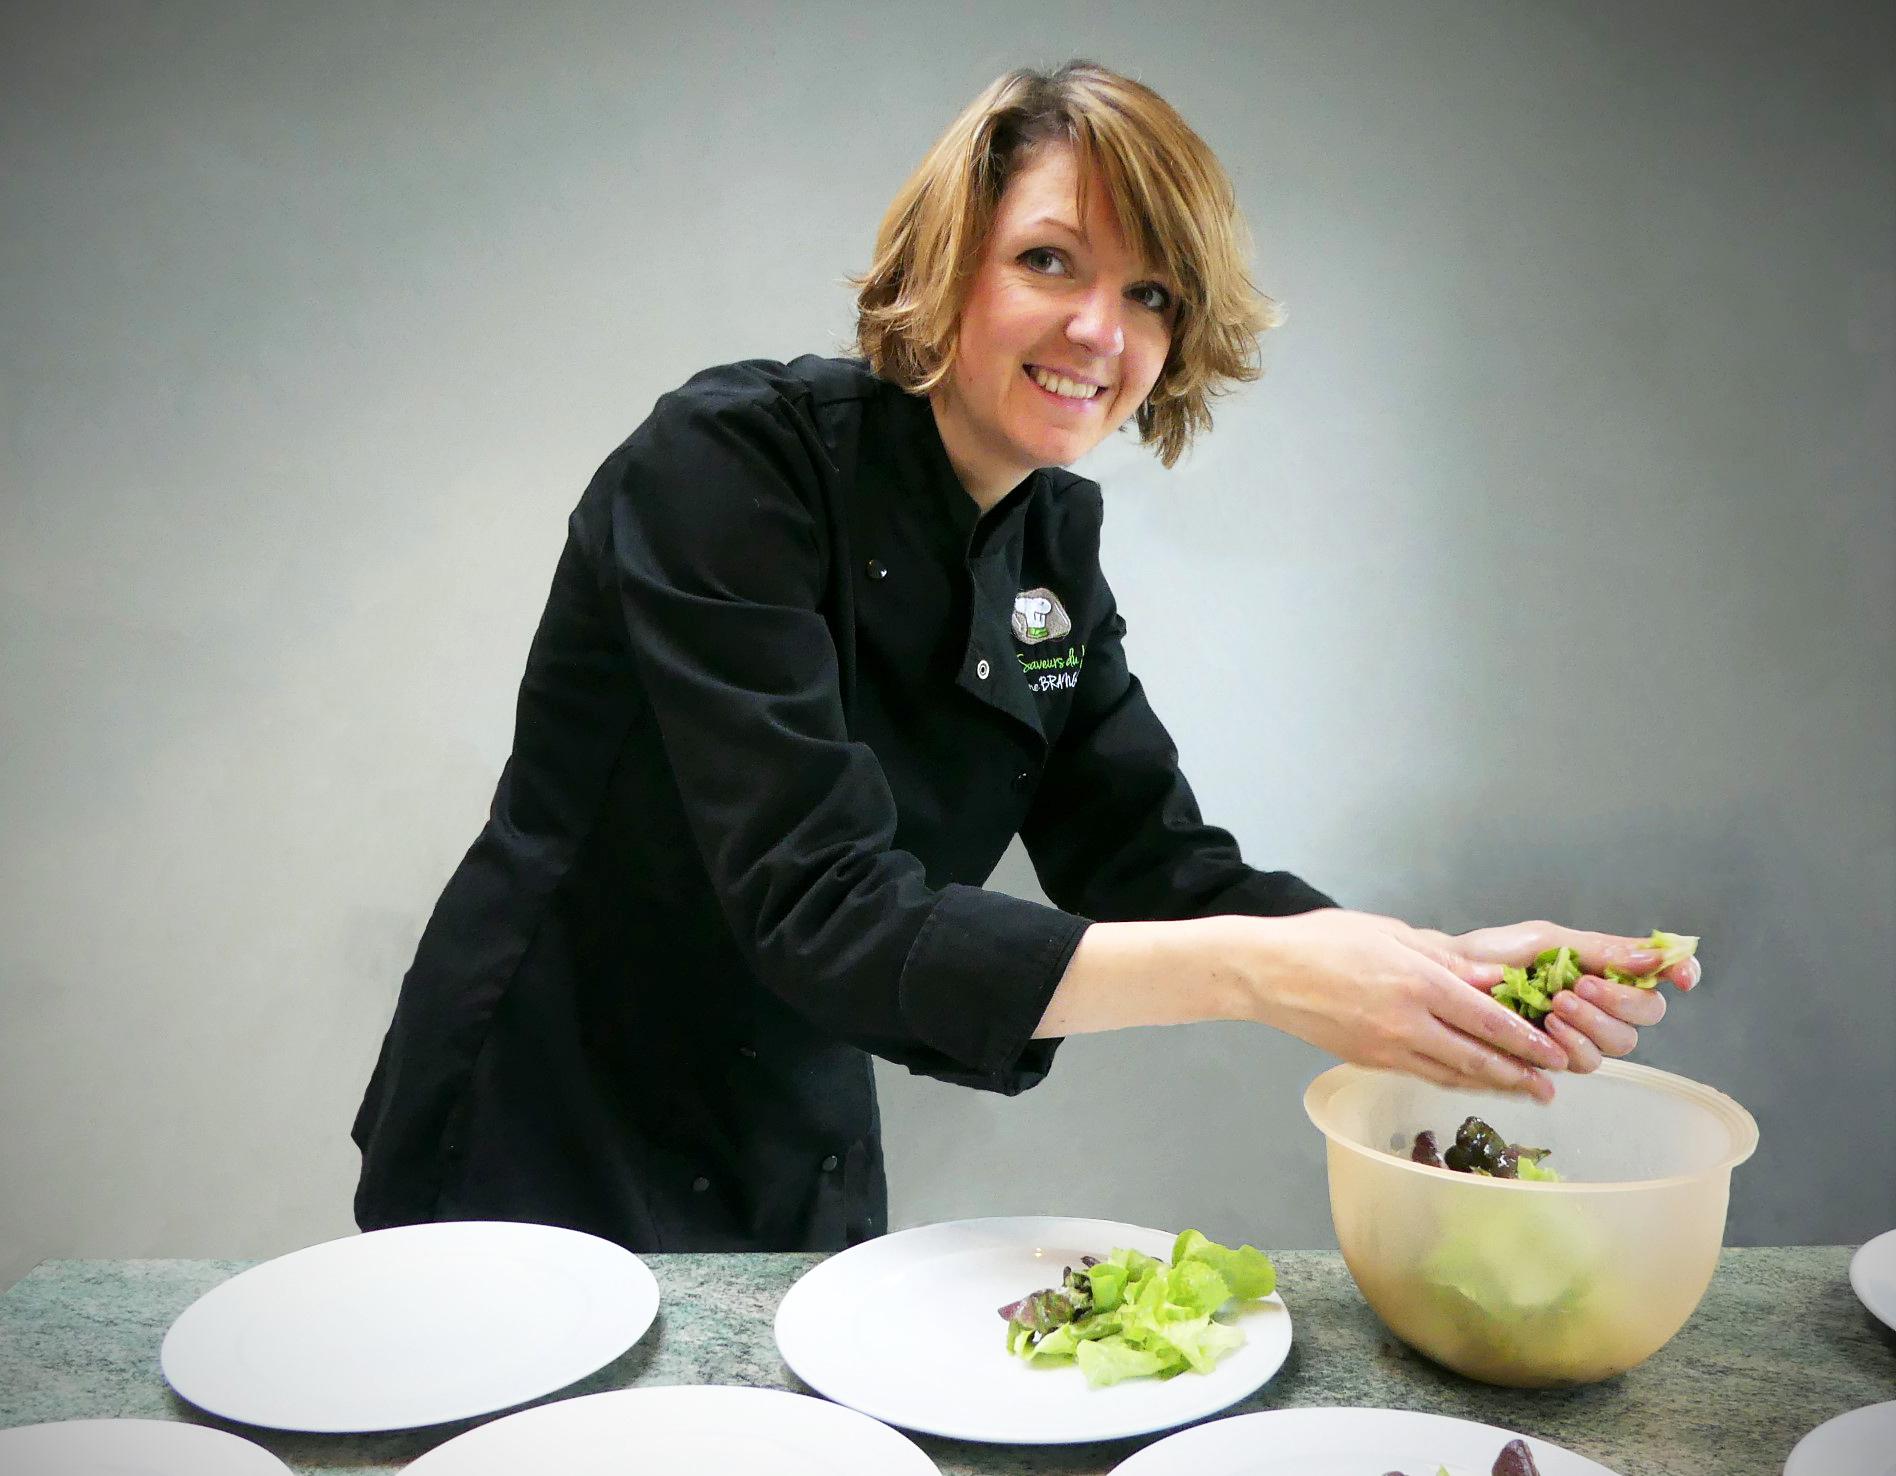 Tiphaine Brangeon, Chef à domicile pour un service de restauration à domicile de qualité